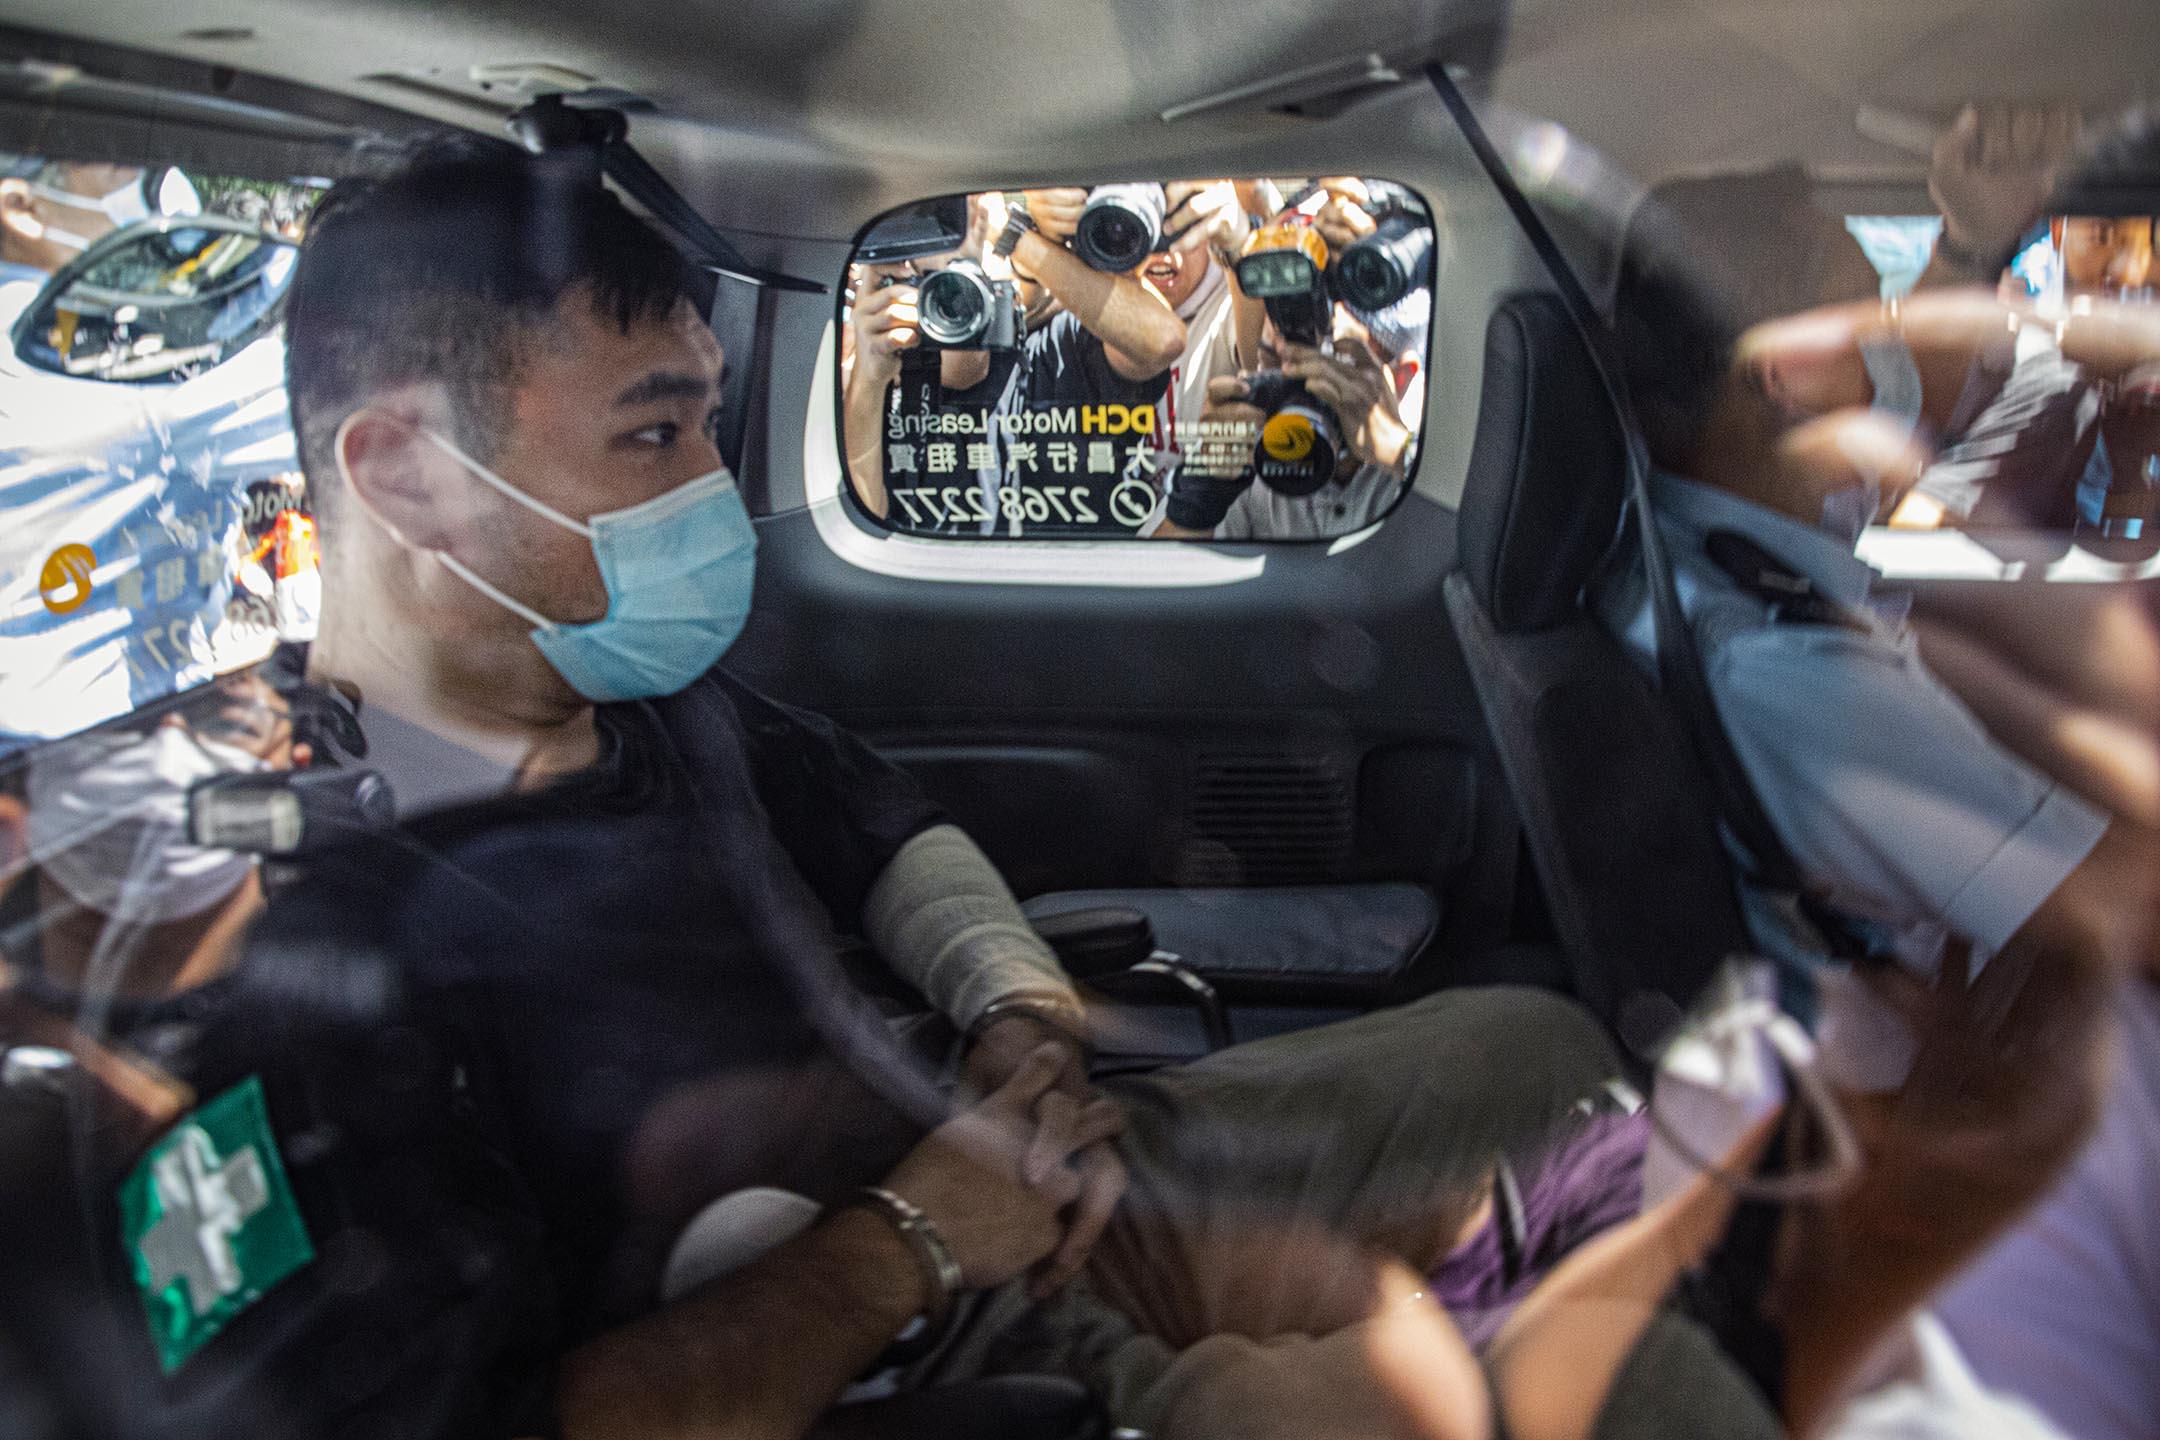 2020年7月6日西九龍裁判法院,唐英傑被指駕駛電單車撞向 3 名警務人員,被控「煽動他人分裂國家罪」及「恐怖活動罪」。 攝:陳焯煇/端傳媒